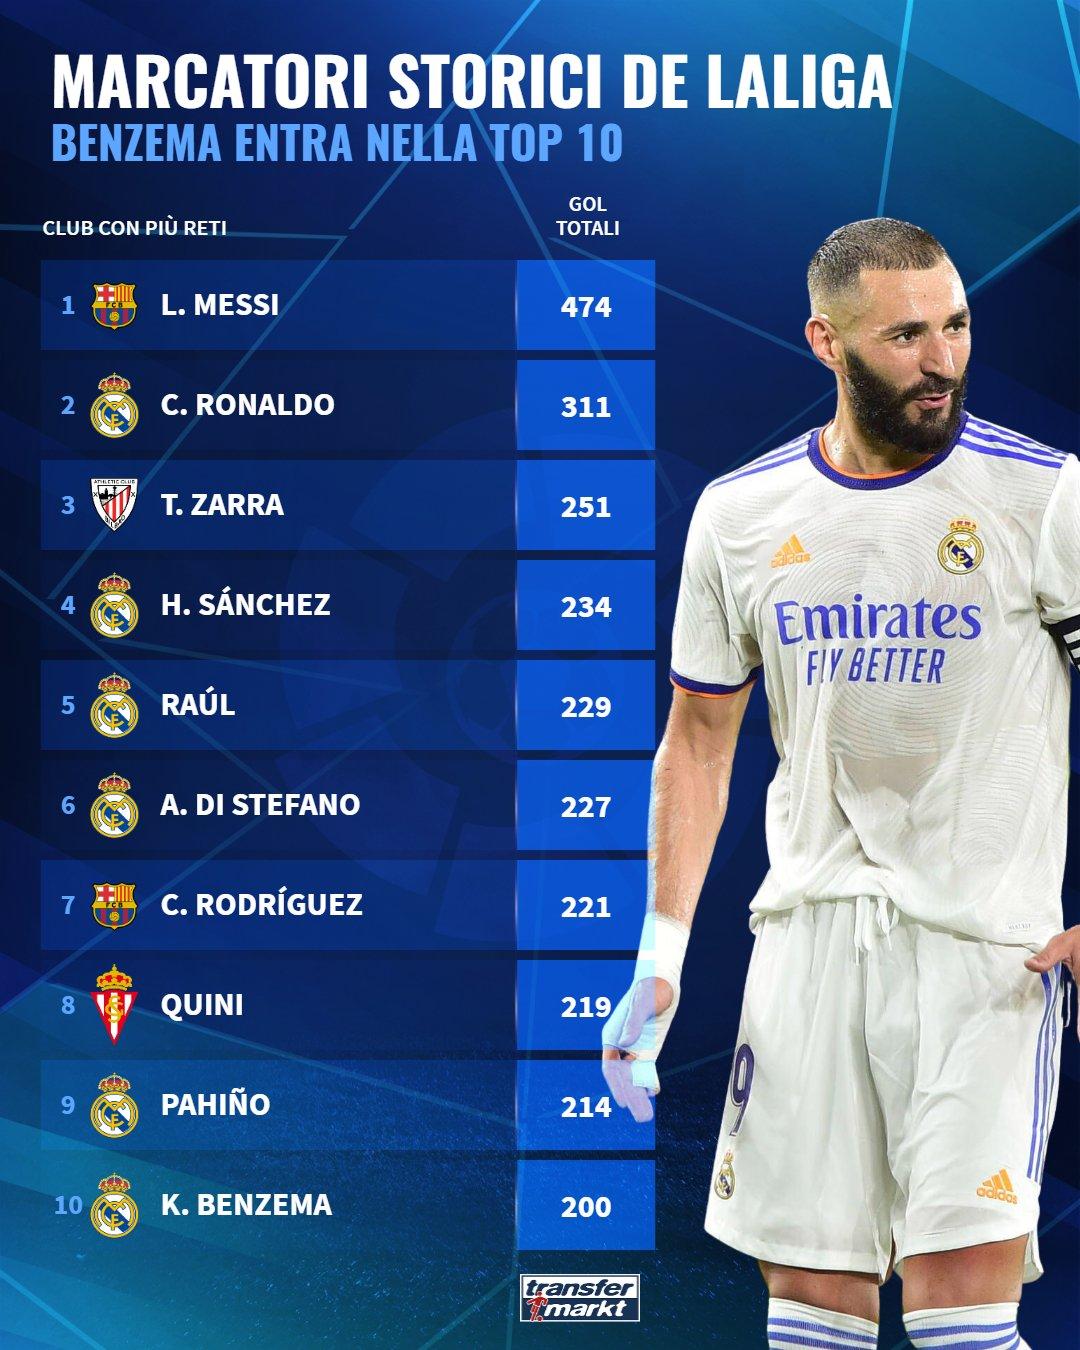 أكثر 10 هدافين في تاريخ الدوري الإسباني بعد انضمام كريم بنزيما للقائمة